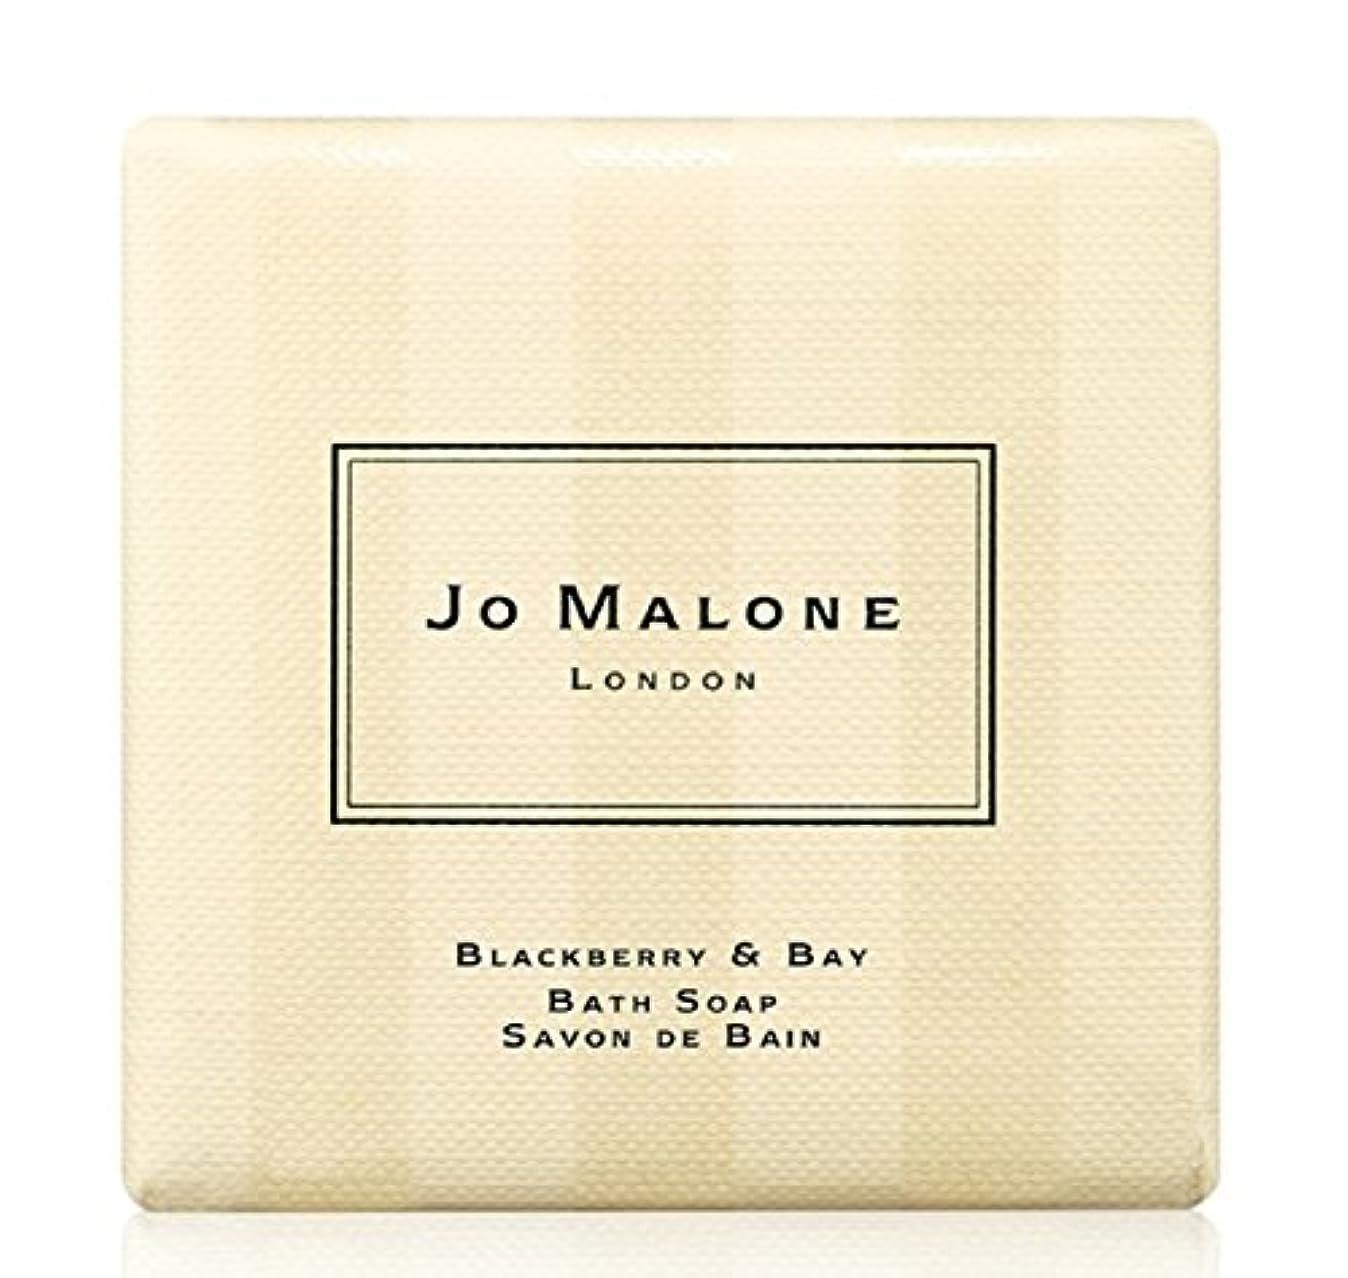 ビルダー抽象コショウジョーマローン ブラックベリー&ベイ バス ソープ 石鹸 100 g